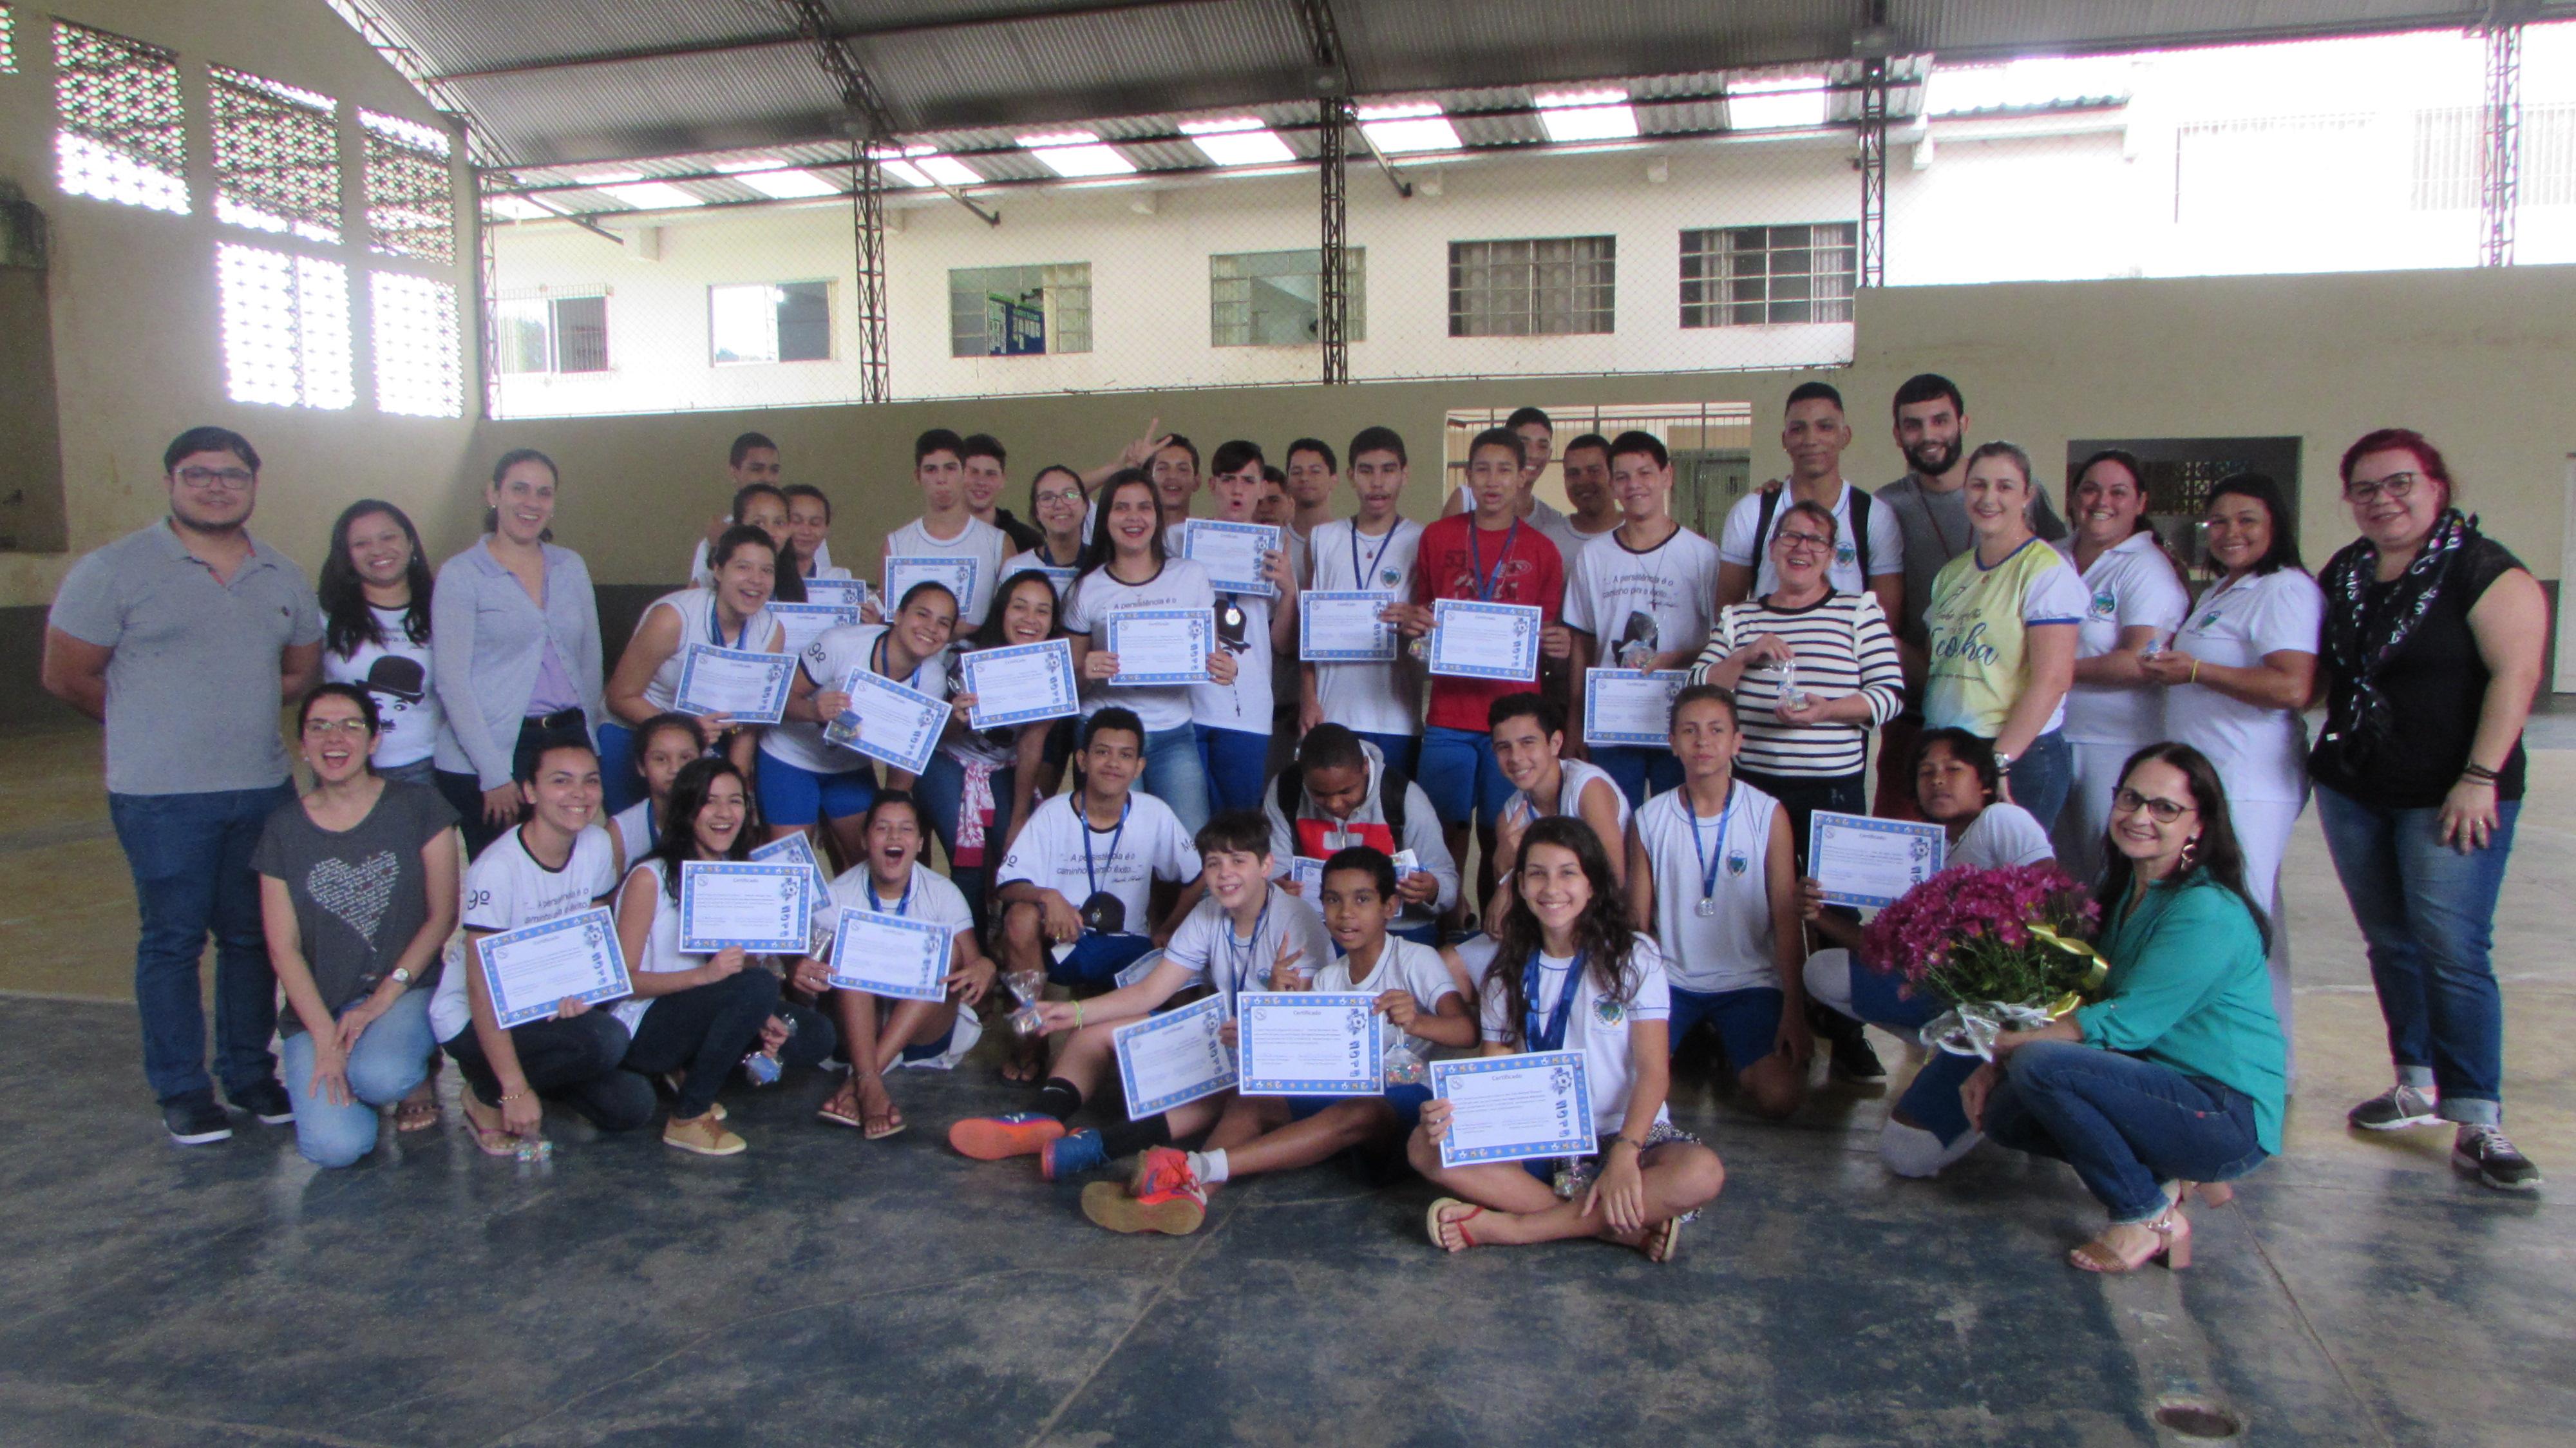 Iconha: Escola Marcelino Biancardi realiza comemoração para equipe dos Jogos Escolares